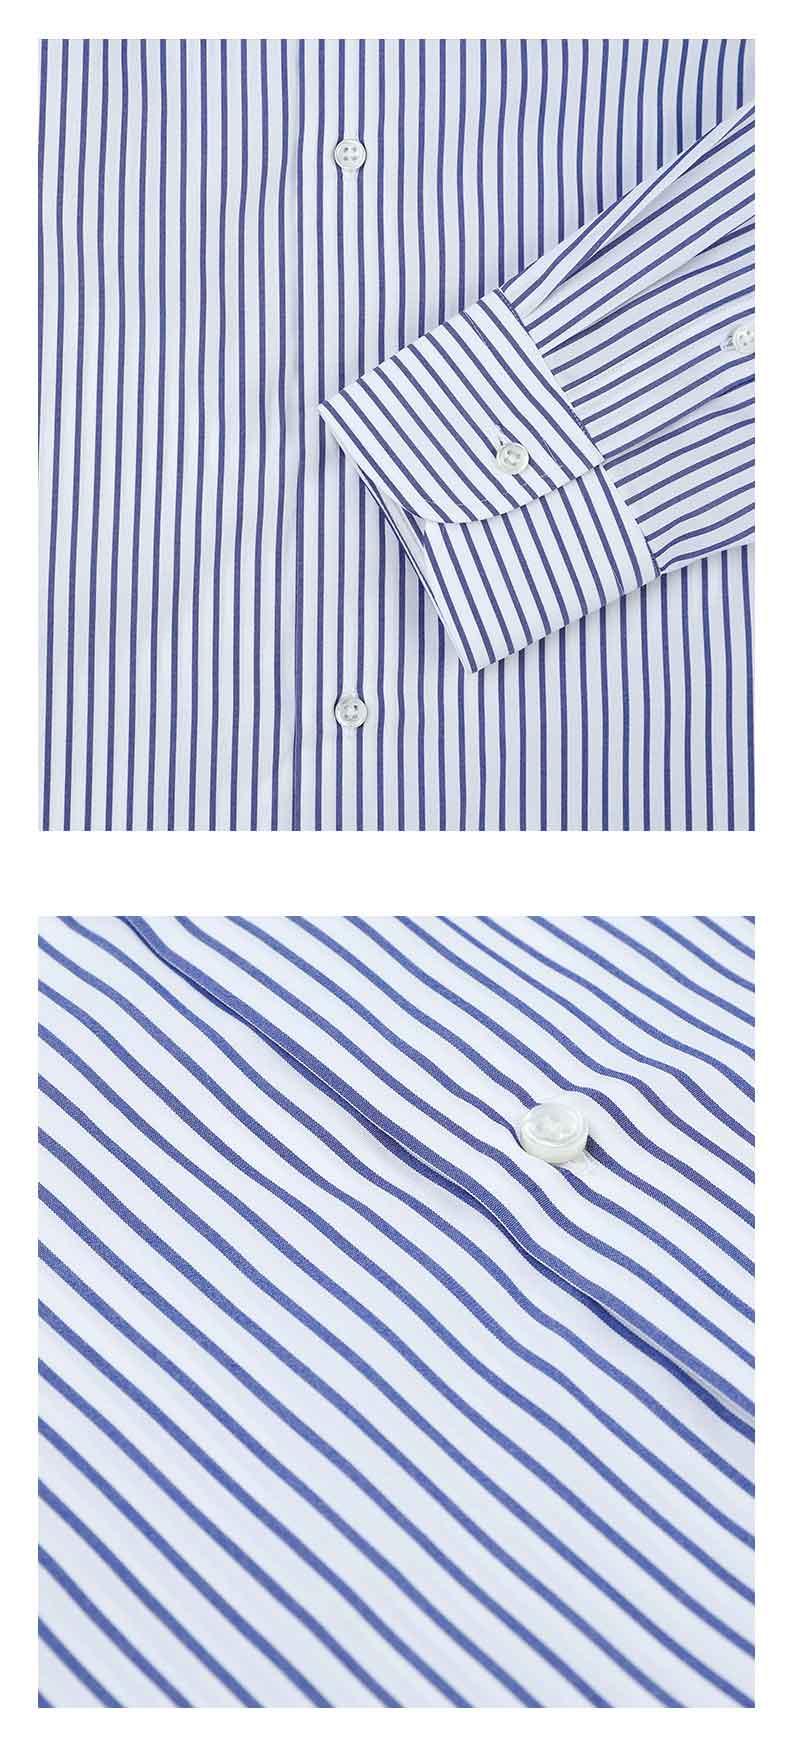 男士衬衫纽扣细节图